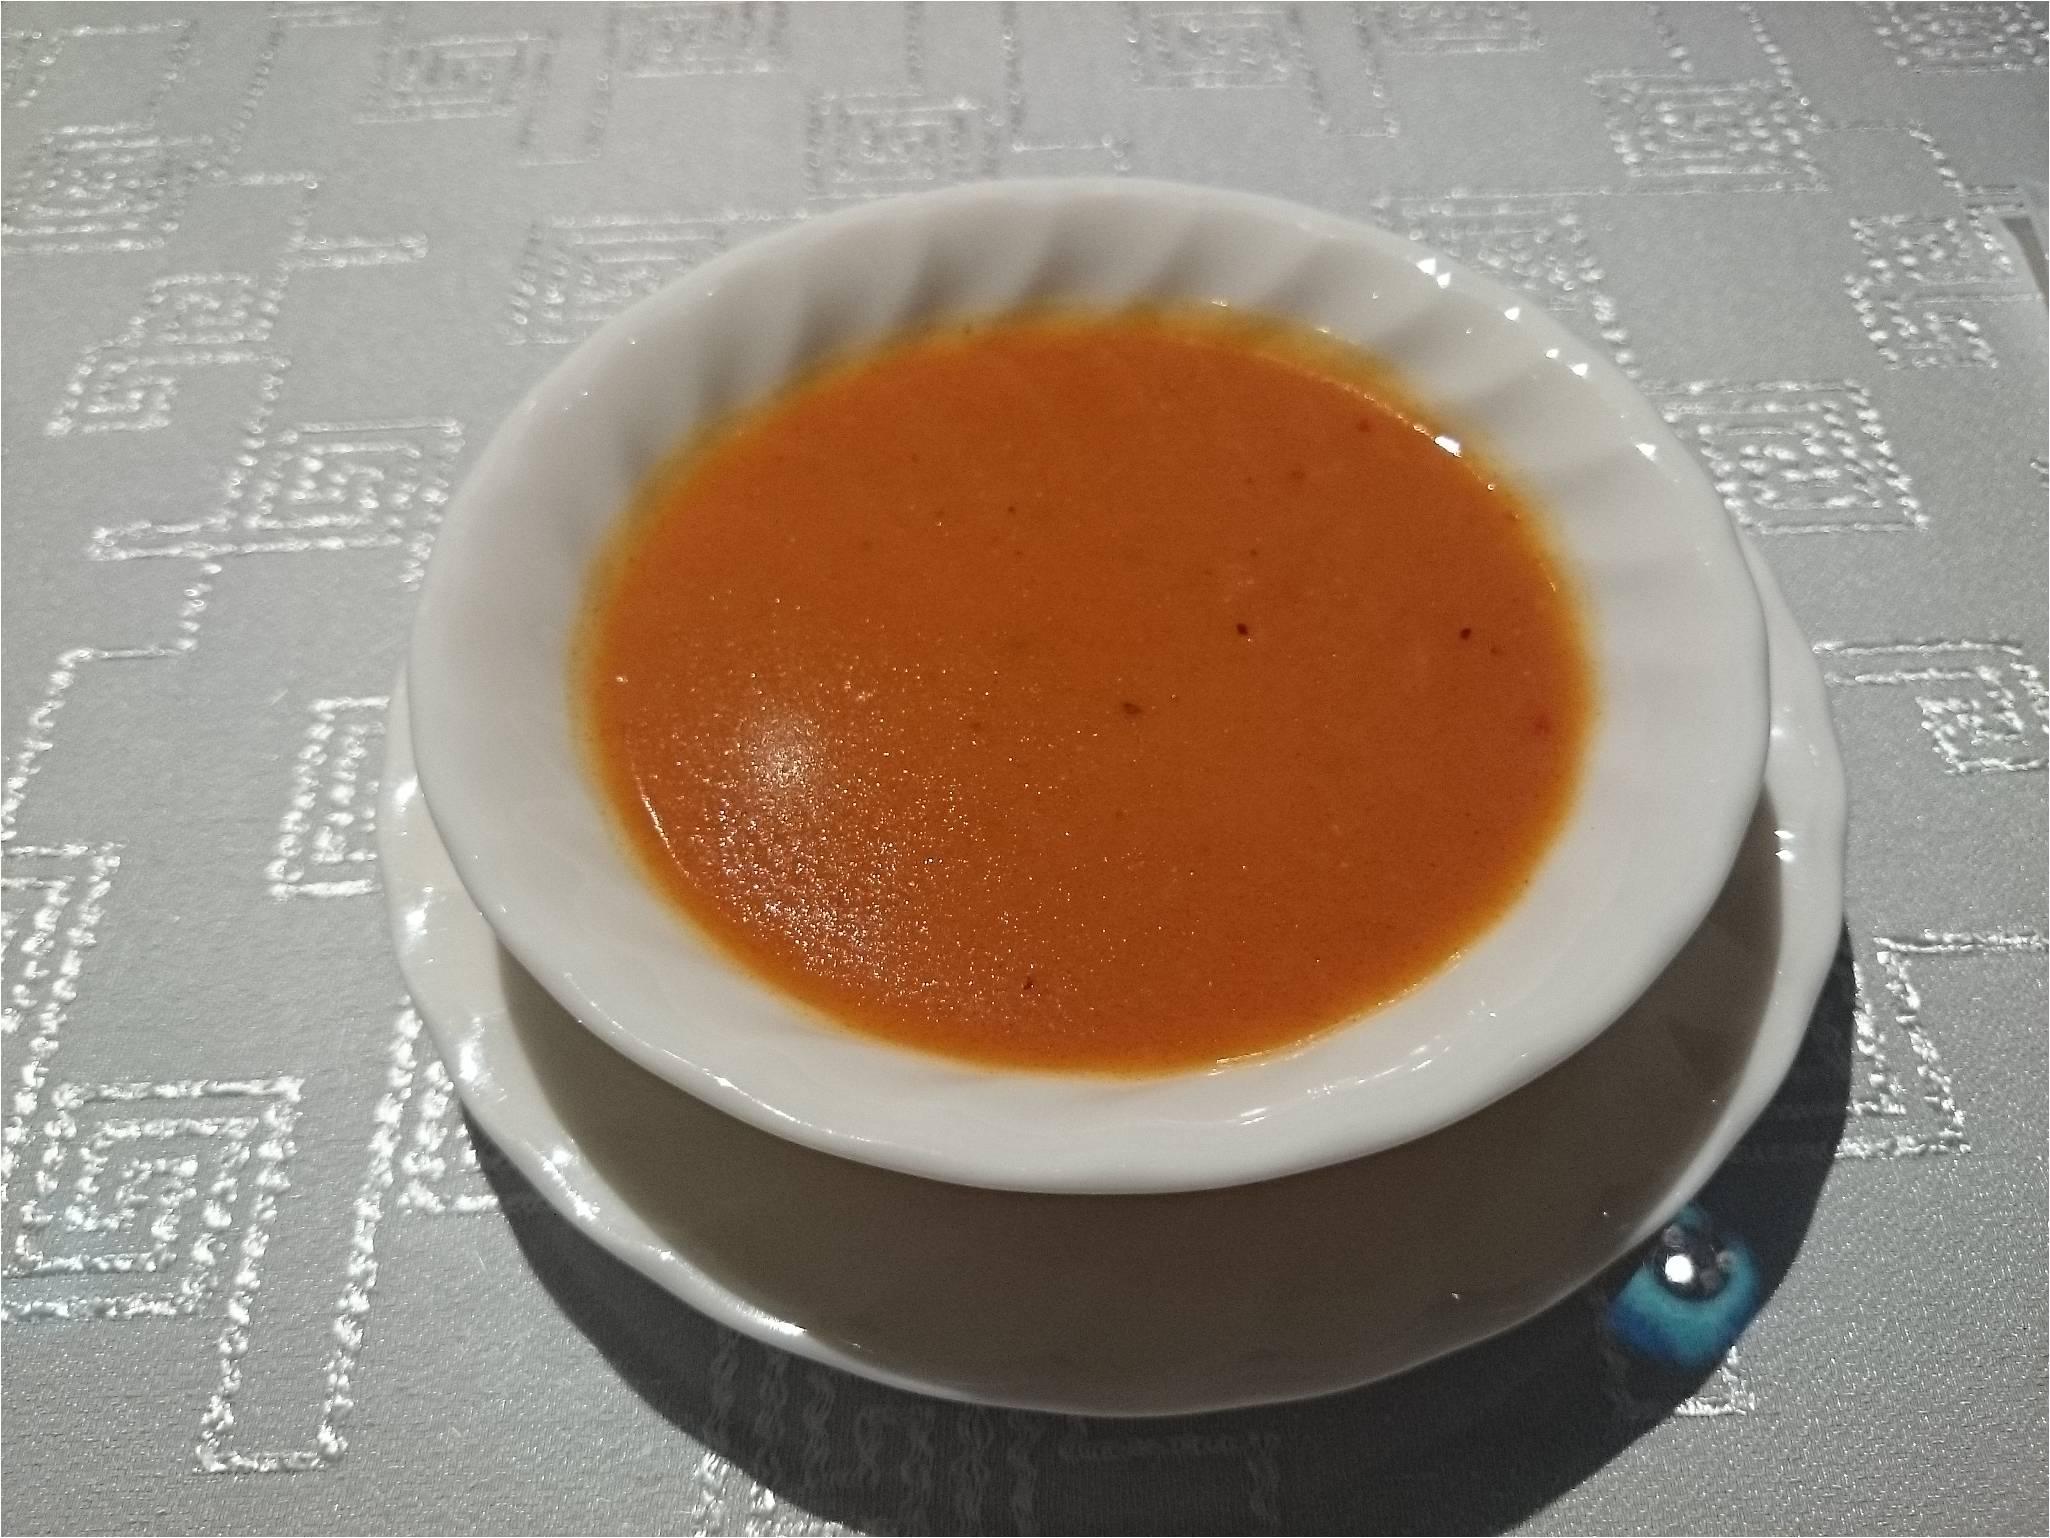 サライ0610-1